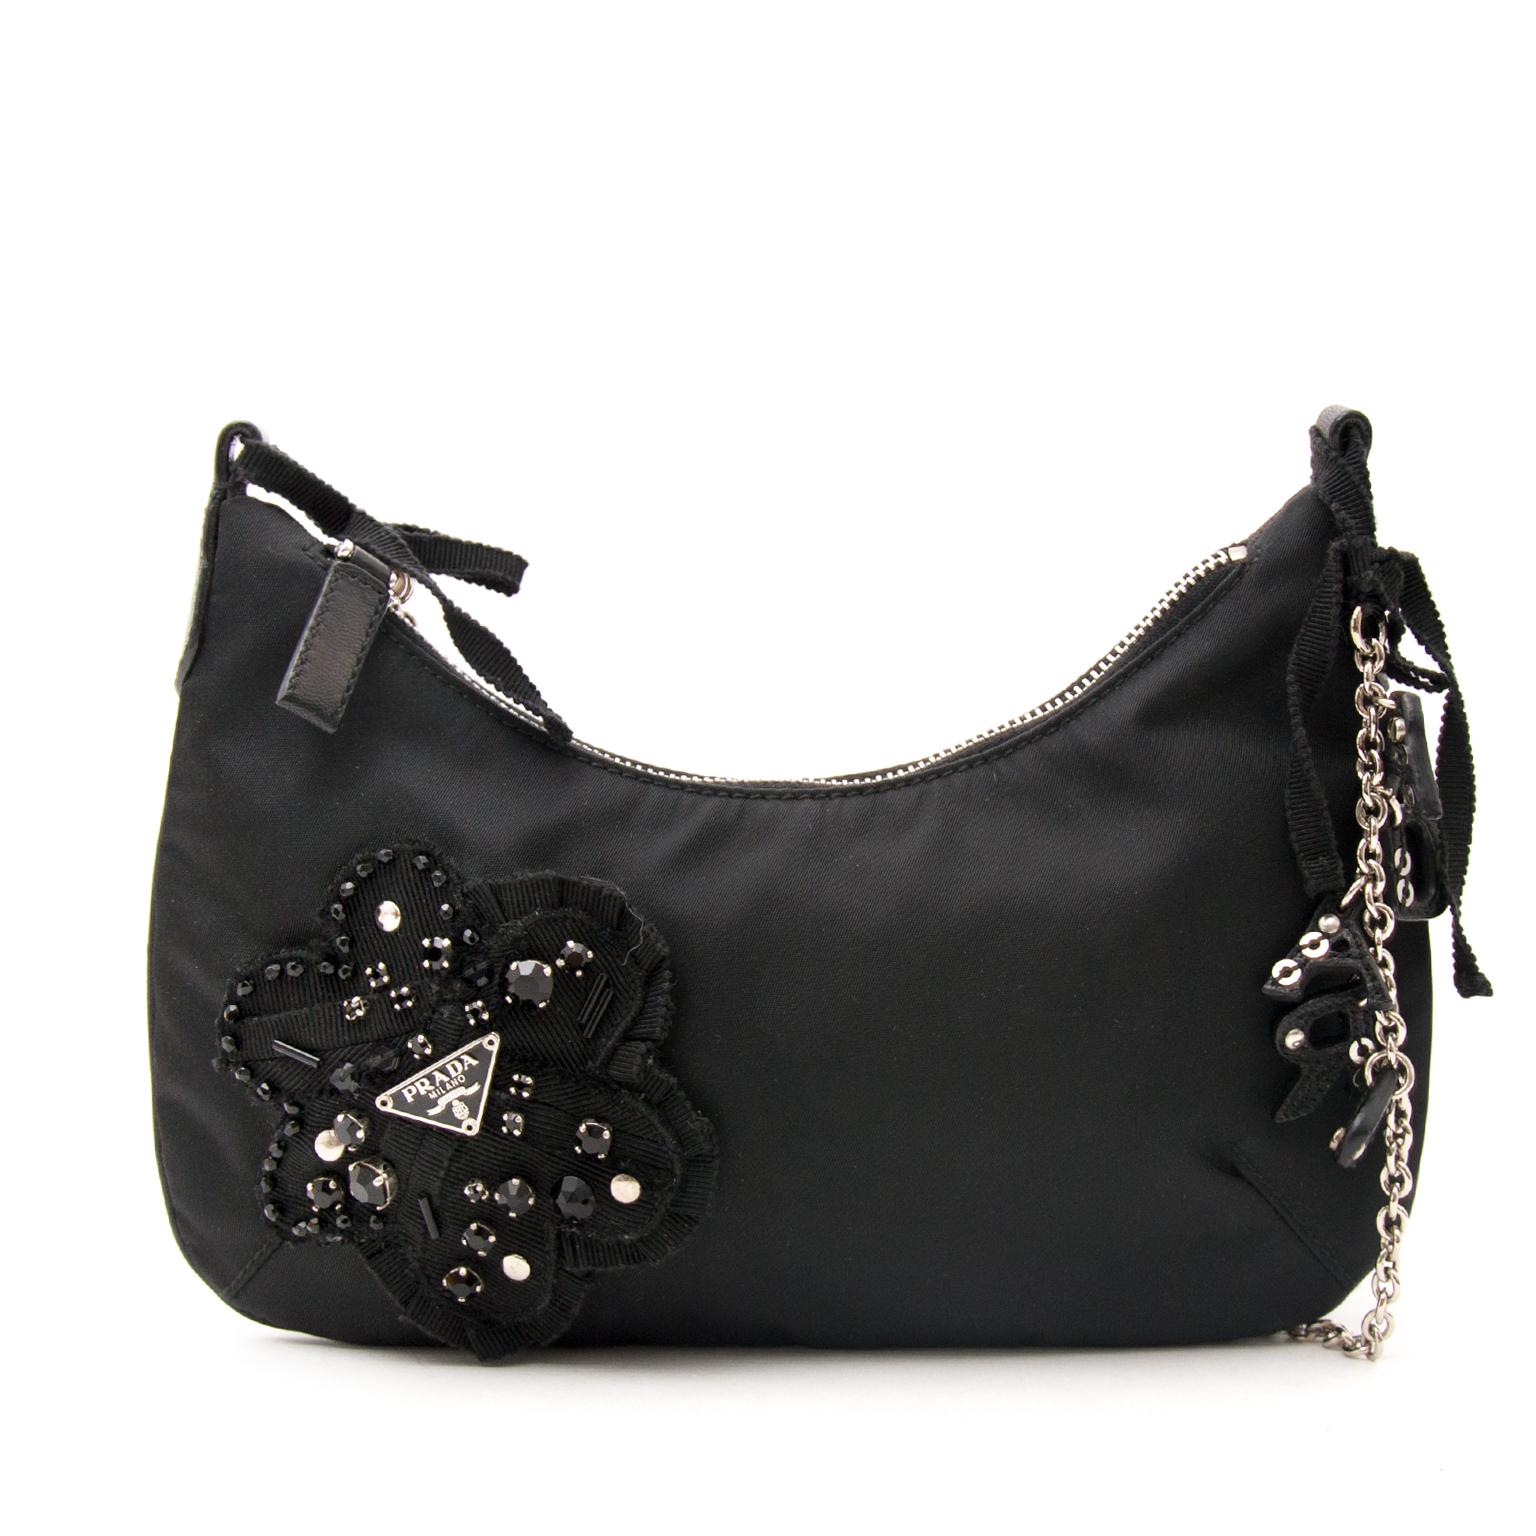 Schwarze Prada Handtasche mit vielen Feinheiten heute online auf labellov.com gegen den besten Preis.